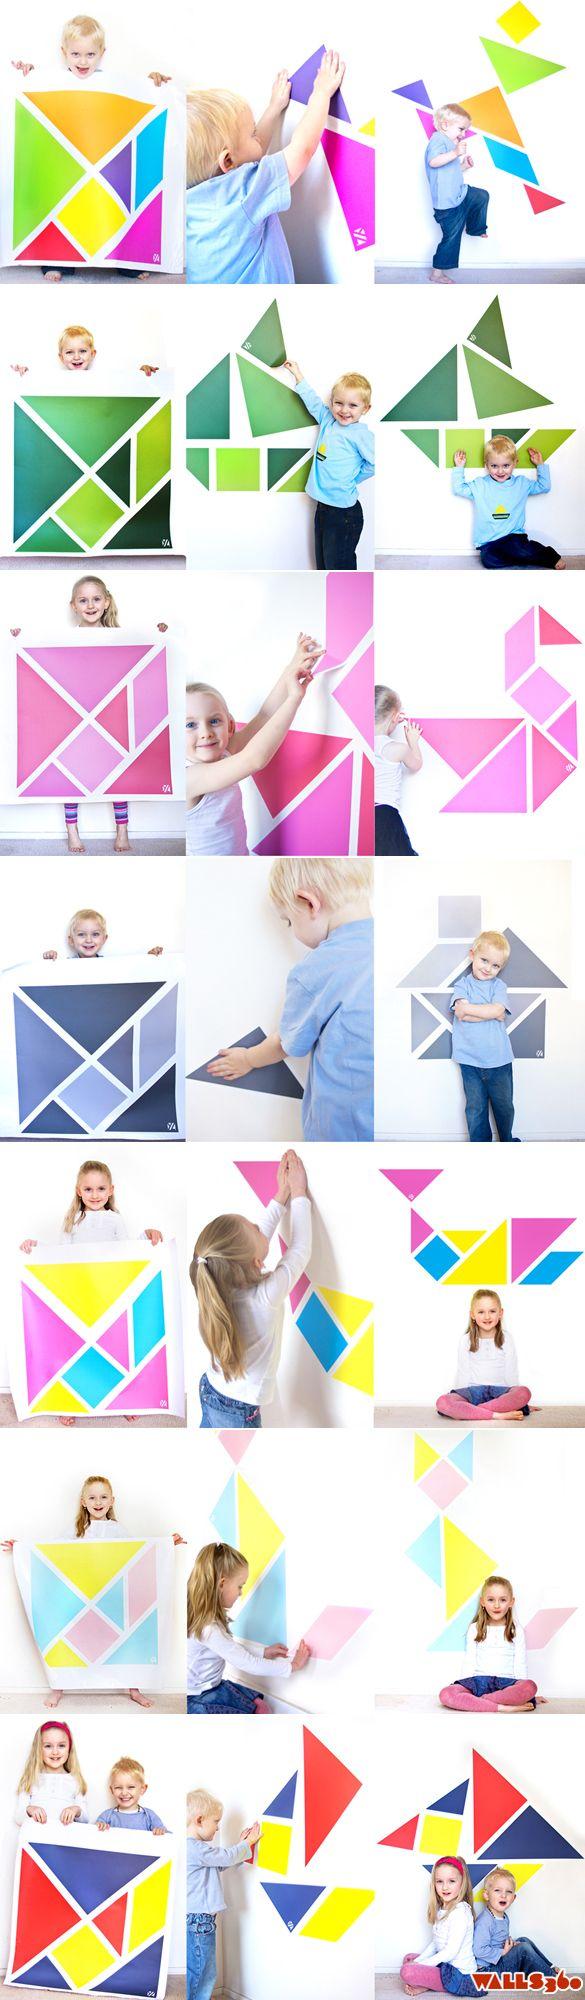 tangram-best-one!